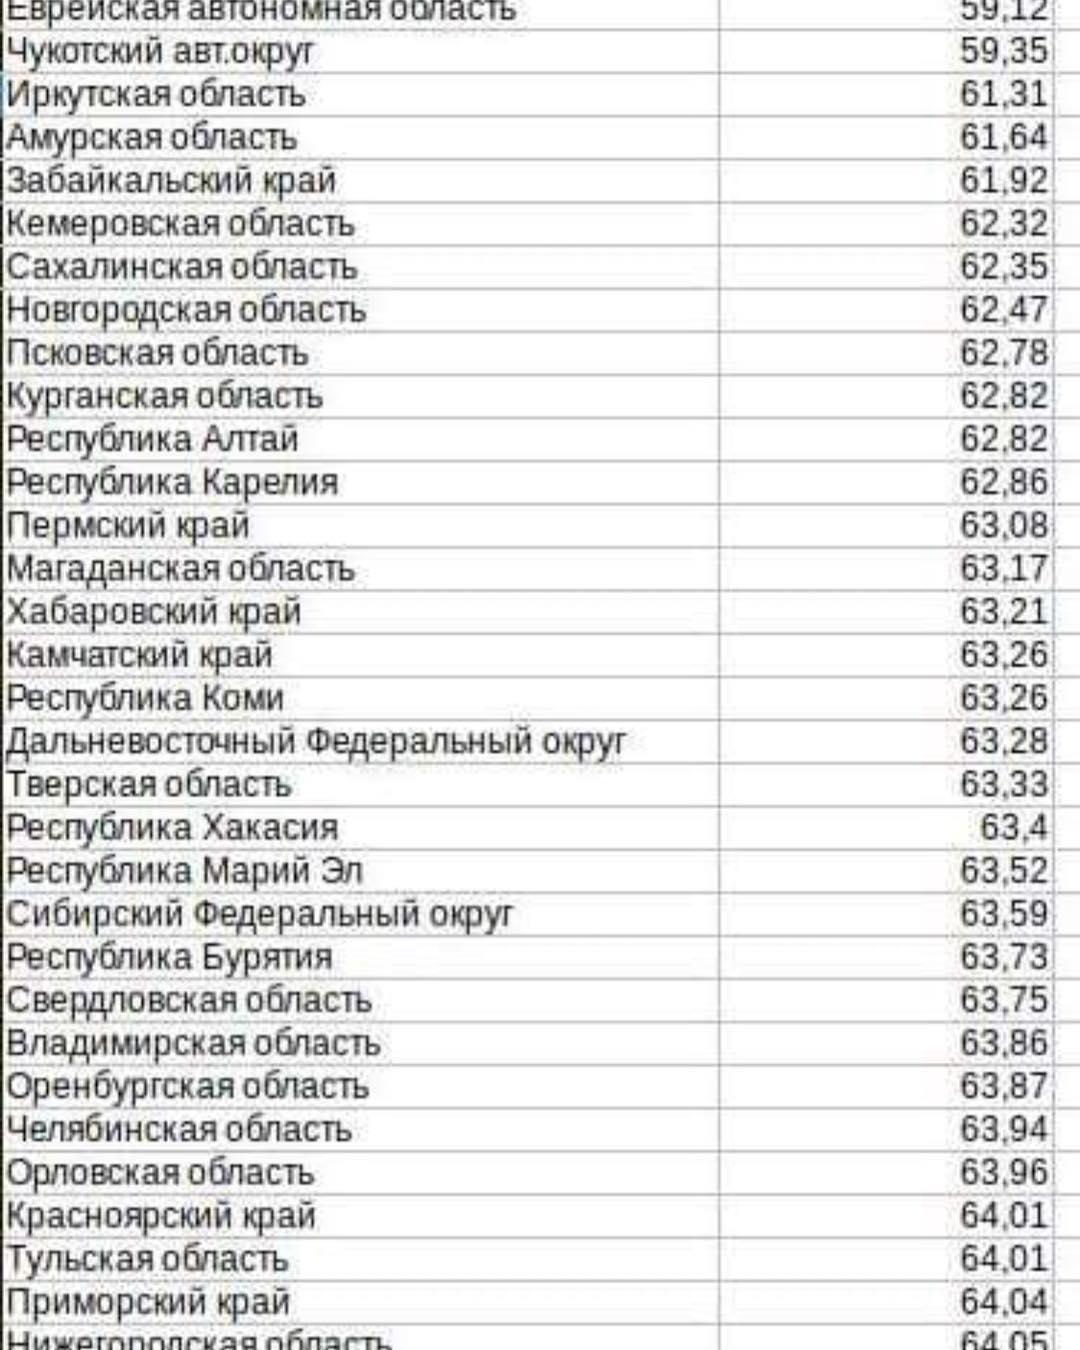 https://obaldela.ru/wp-content/uploads/2018/06/33721539_411667265977090_1024531055090073600_n.jpg